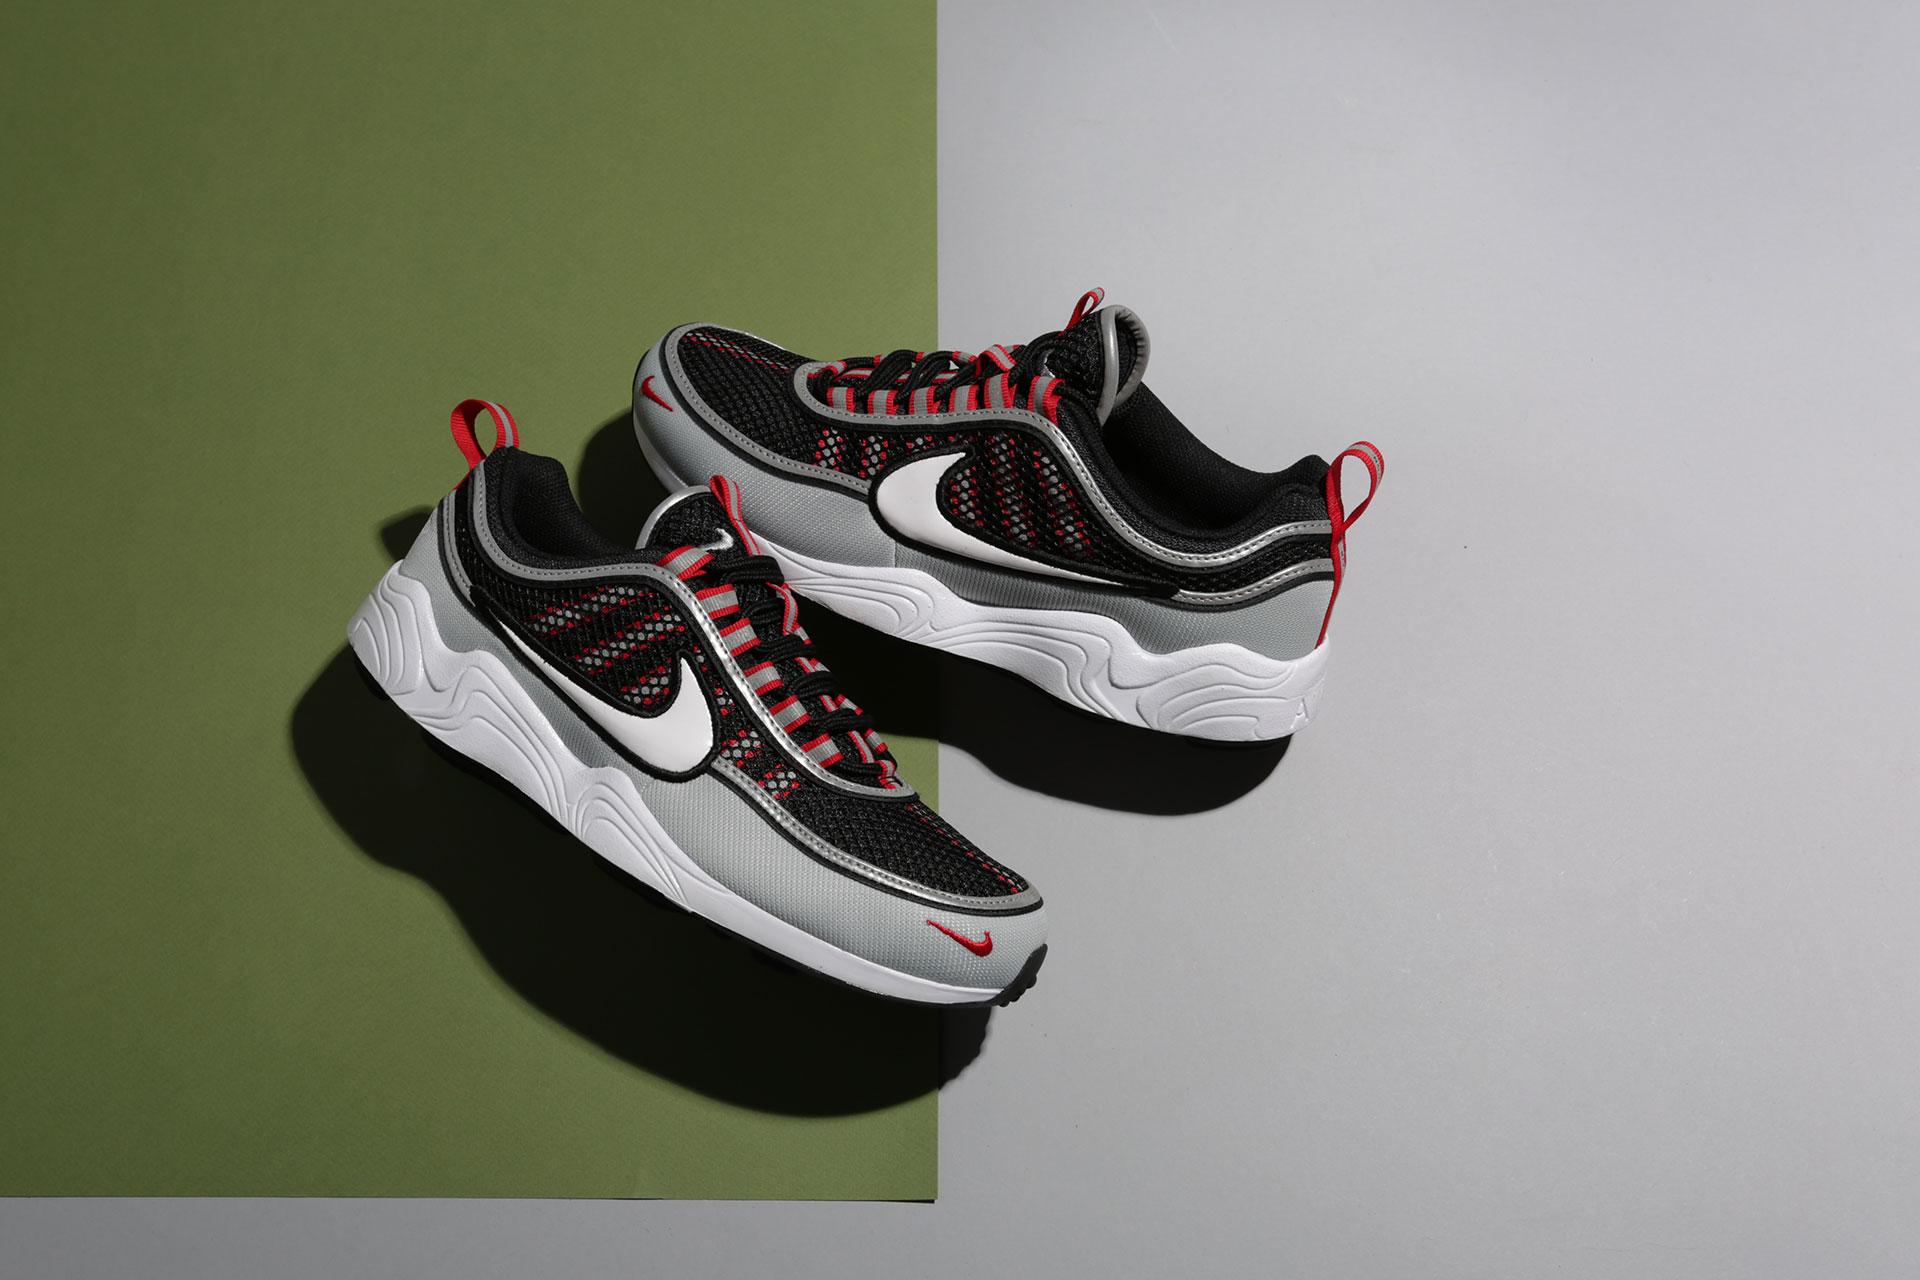 5e3fb9a5 Купить черные мужские кроссовки Air Zoom Spiridon `16 от Nike ...